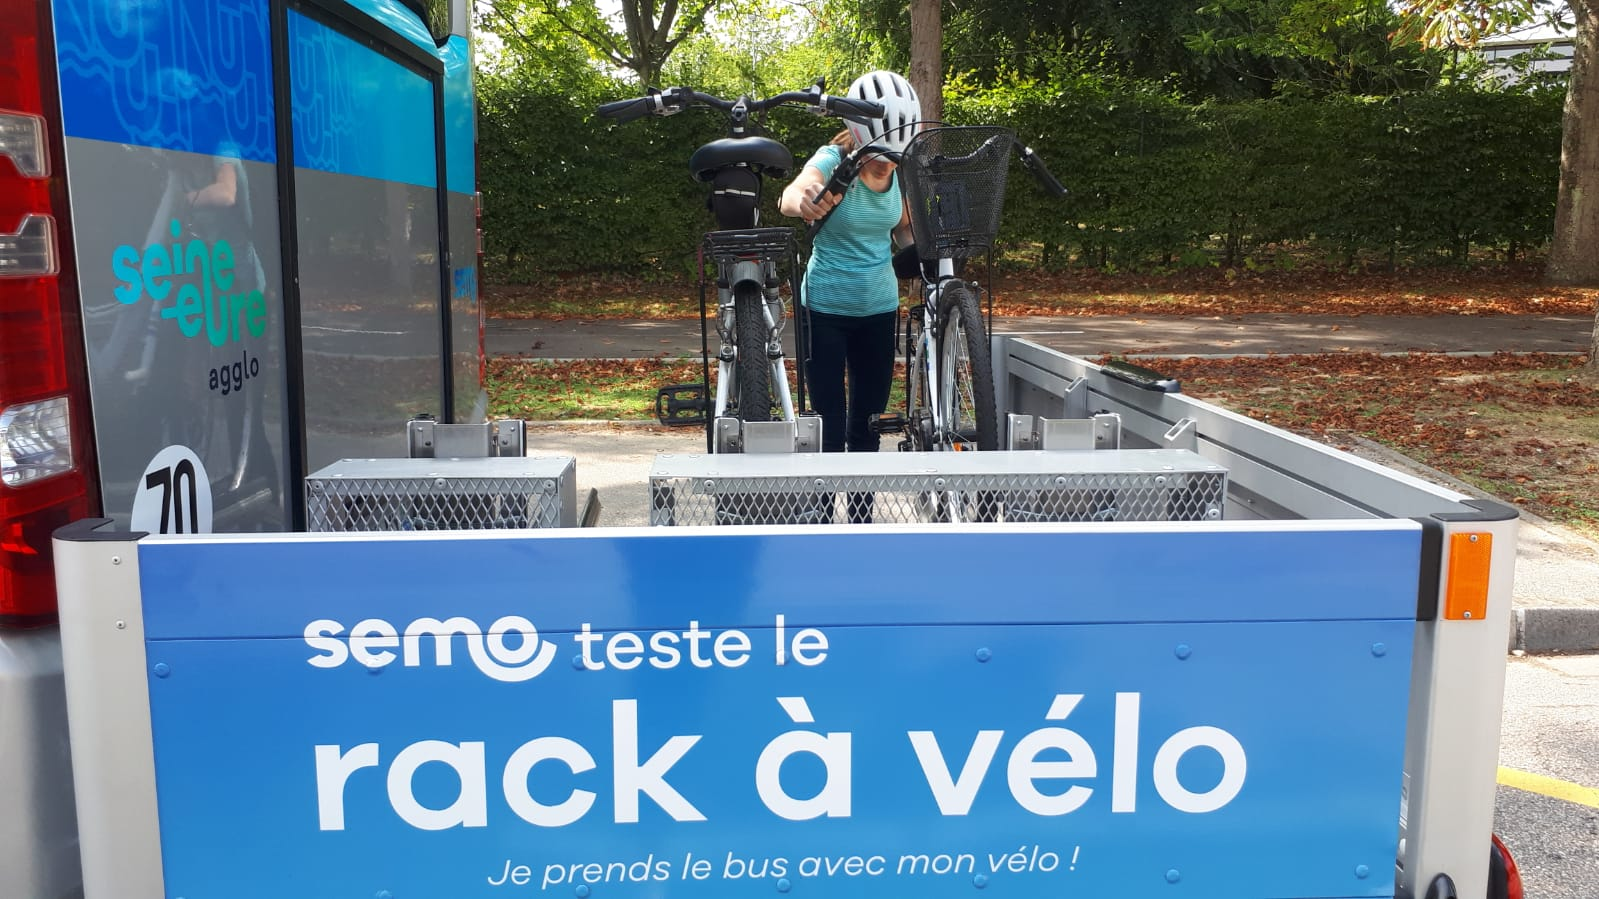 Les racks à vélo : innovation sur le réseau Semo